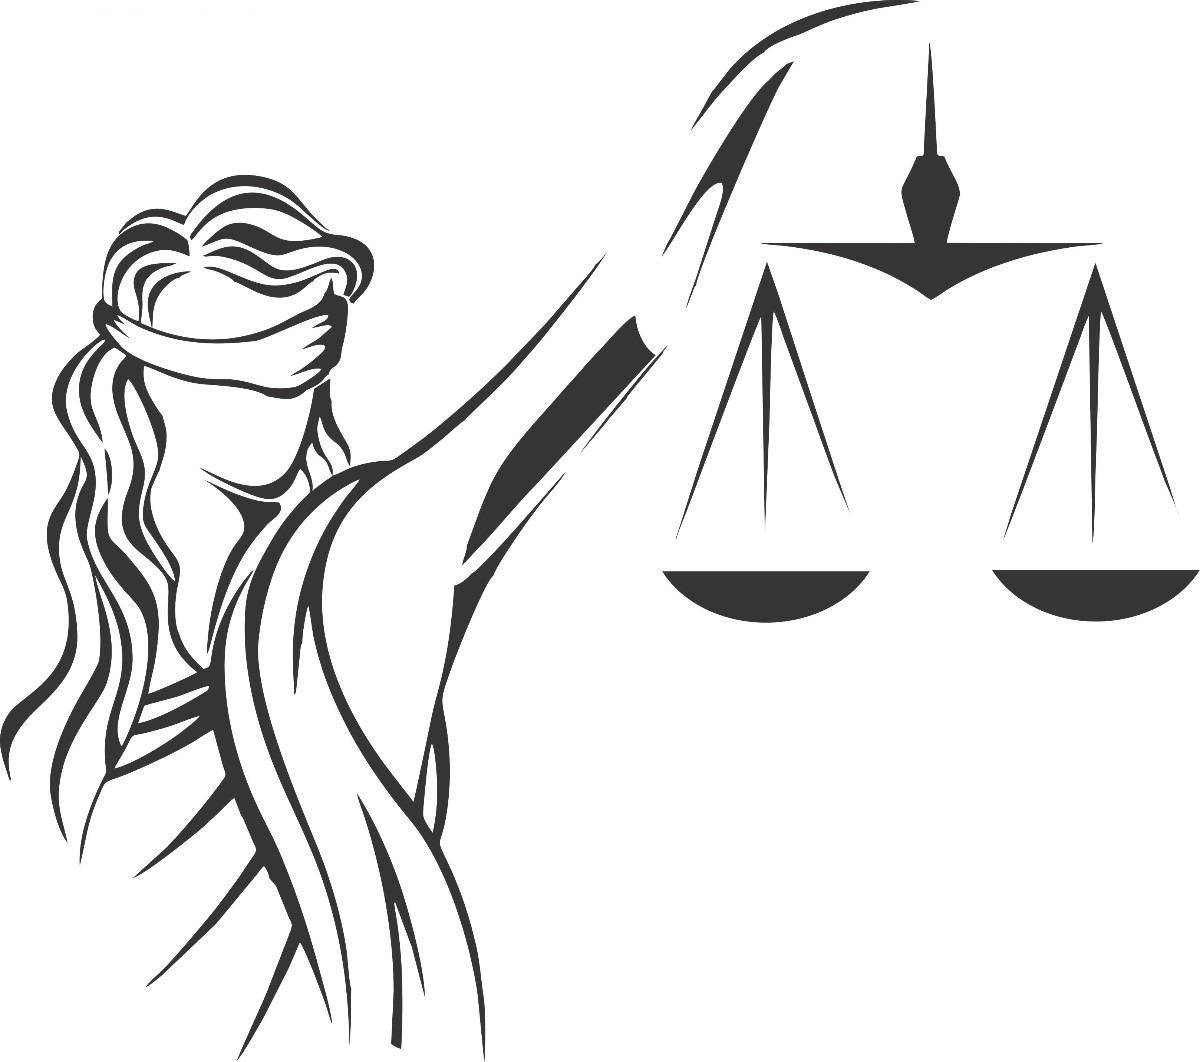 Imagem Relacionada Dama De La Justicia Balanza De La Justicia Simbolo De La Justicia